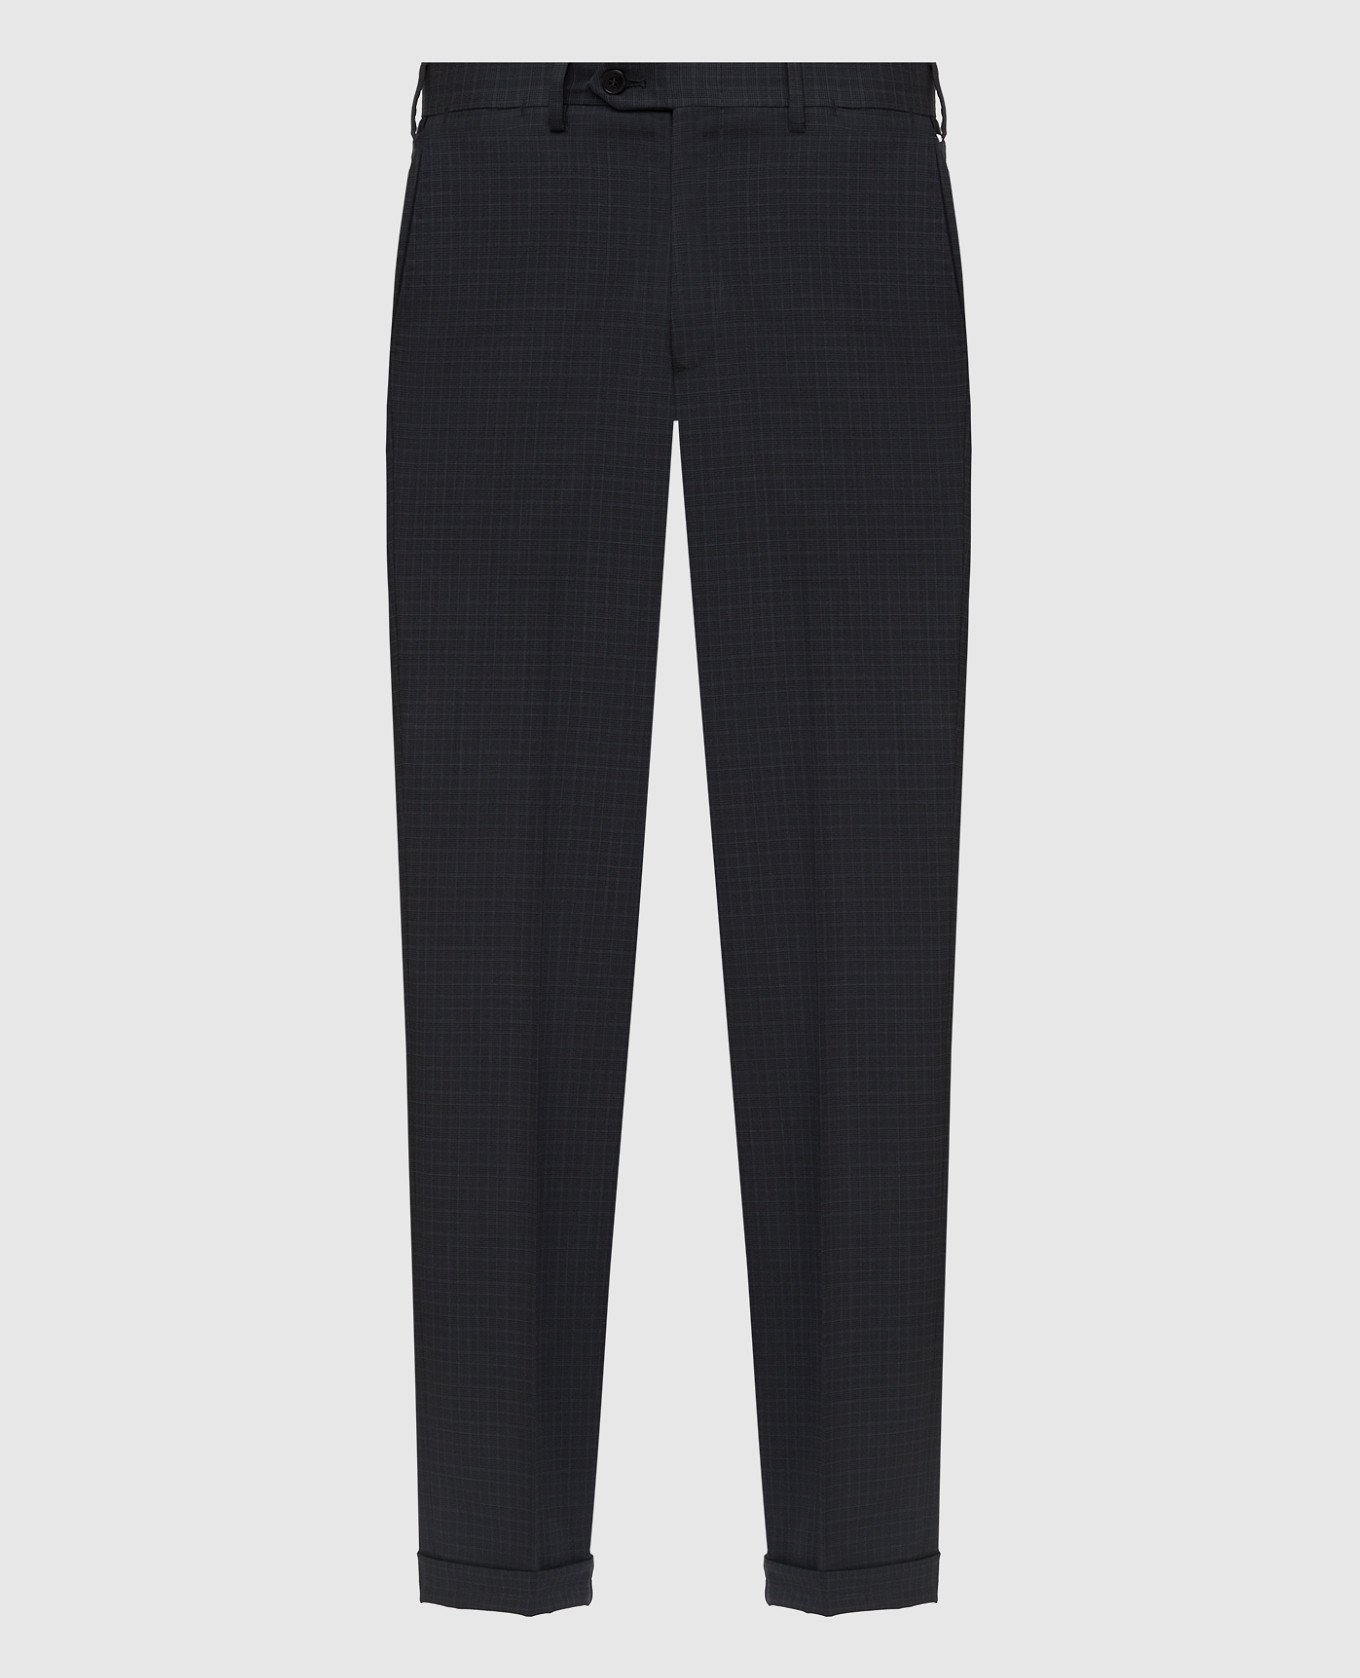 Темно-серые брюки из шерсти